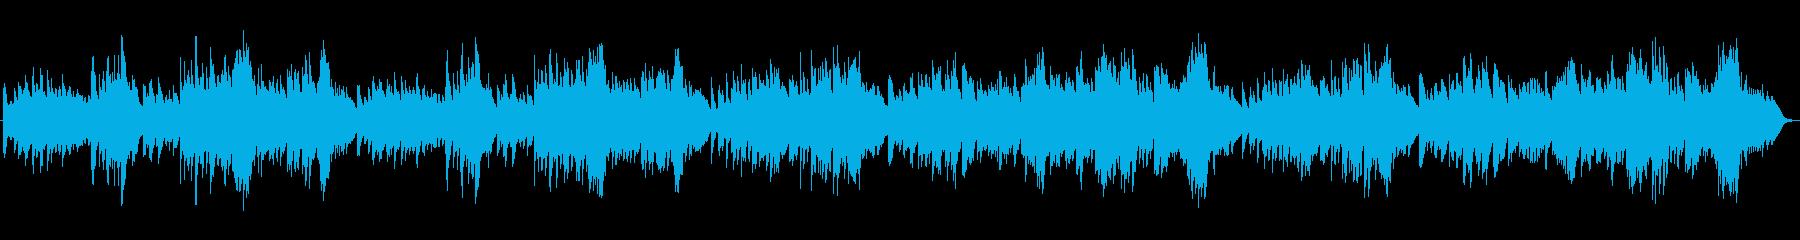 ゆったりとしたピアノ曲。優雅なひとときにの再生済みの波形